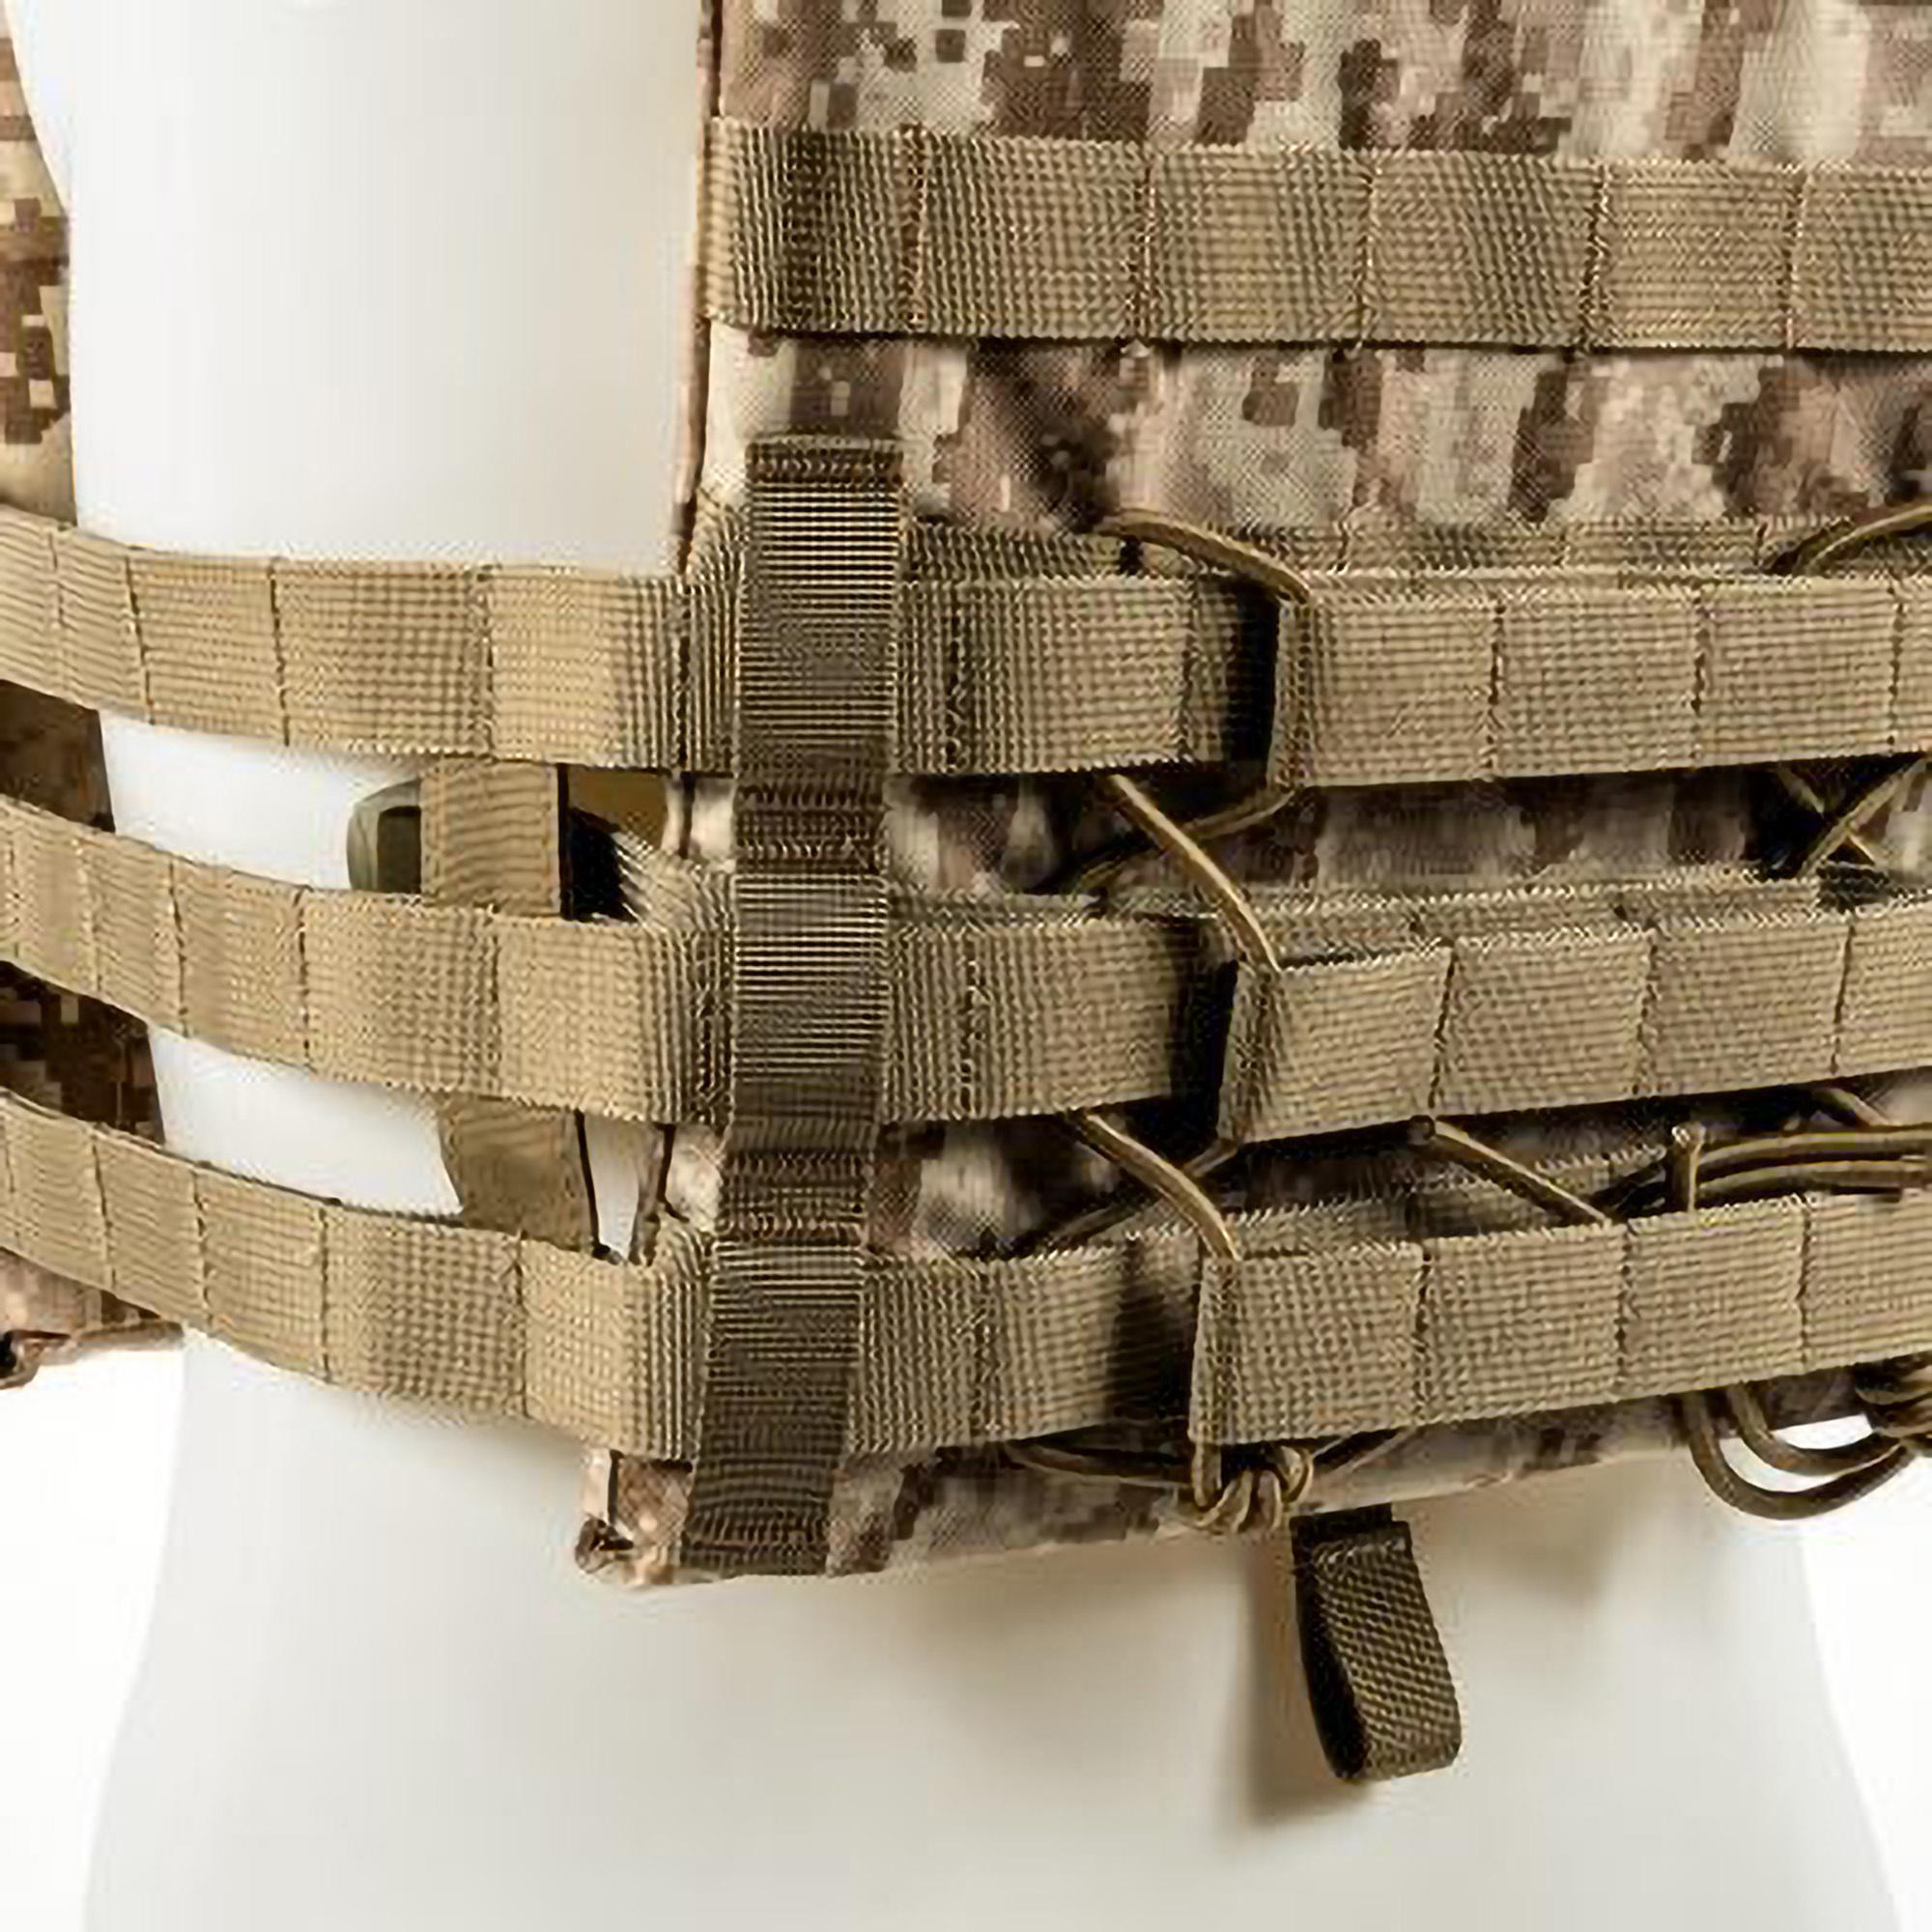 Black River Tactical vest JPC - Digital TAN